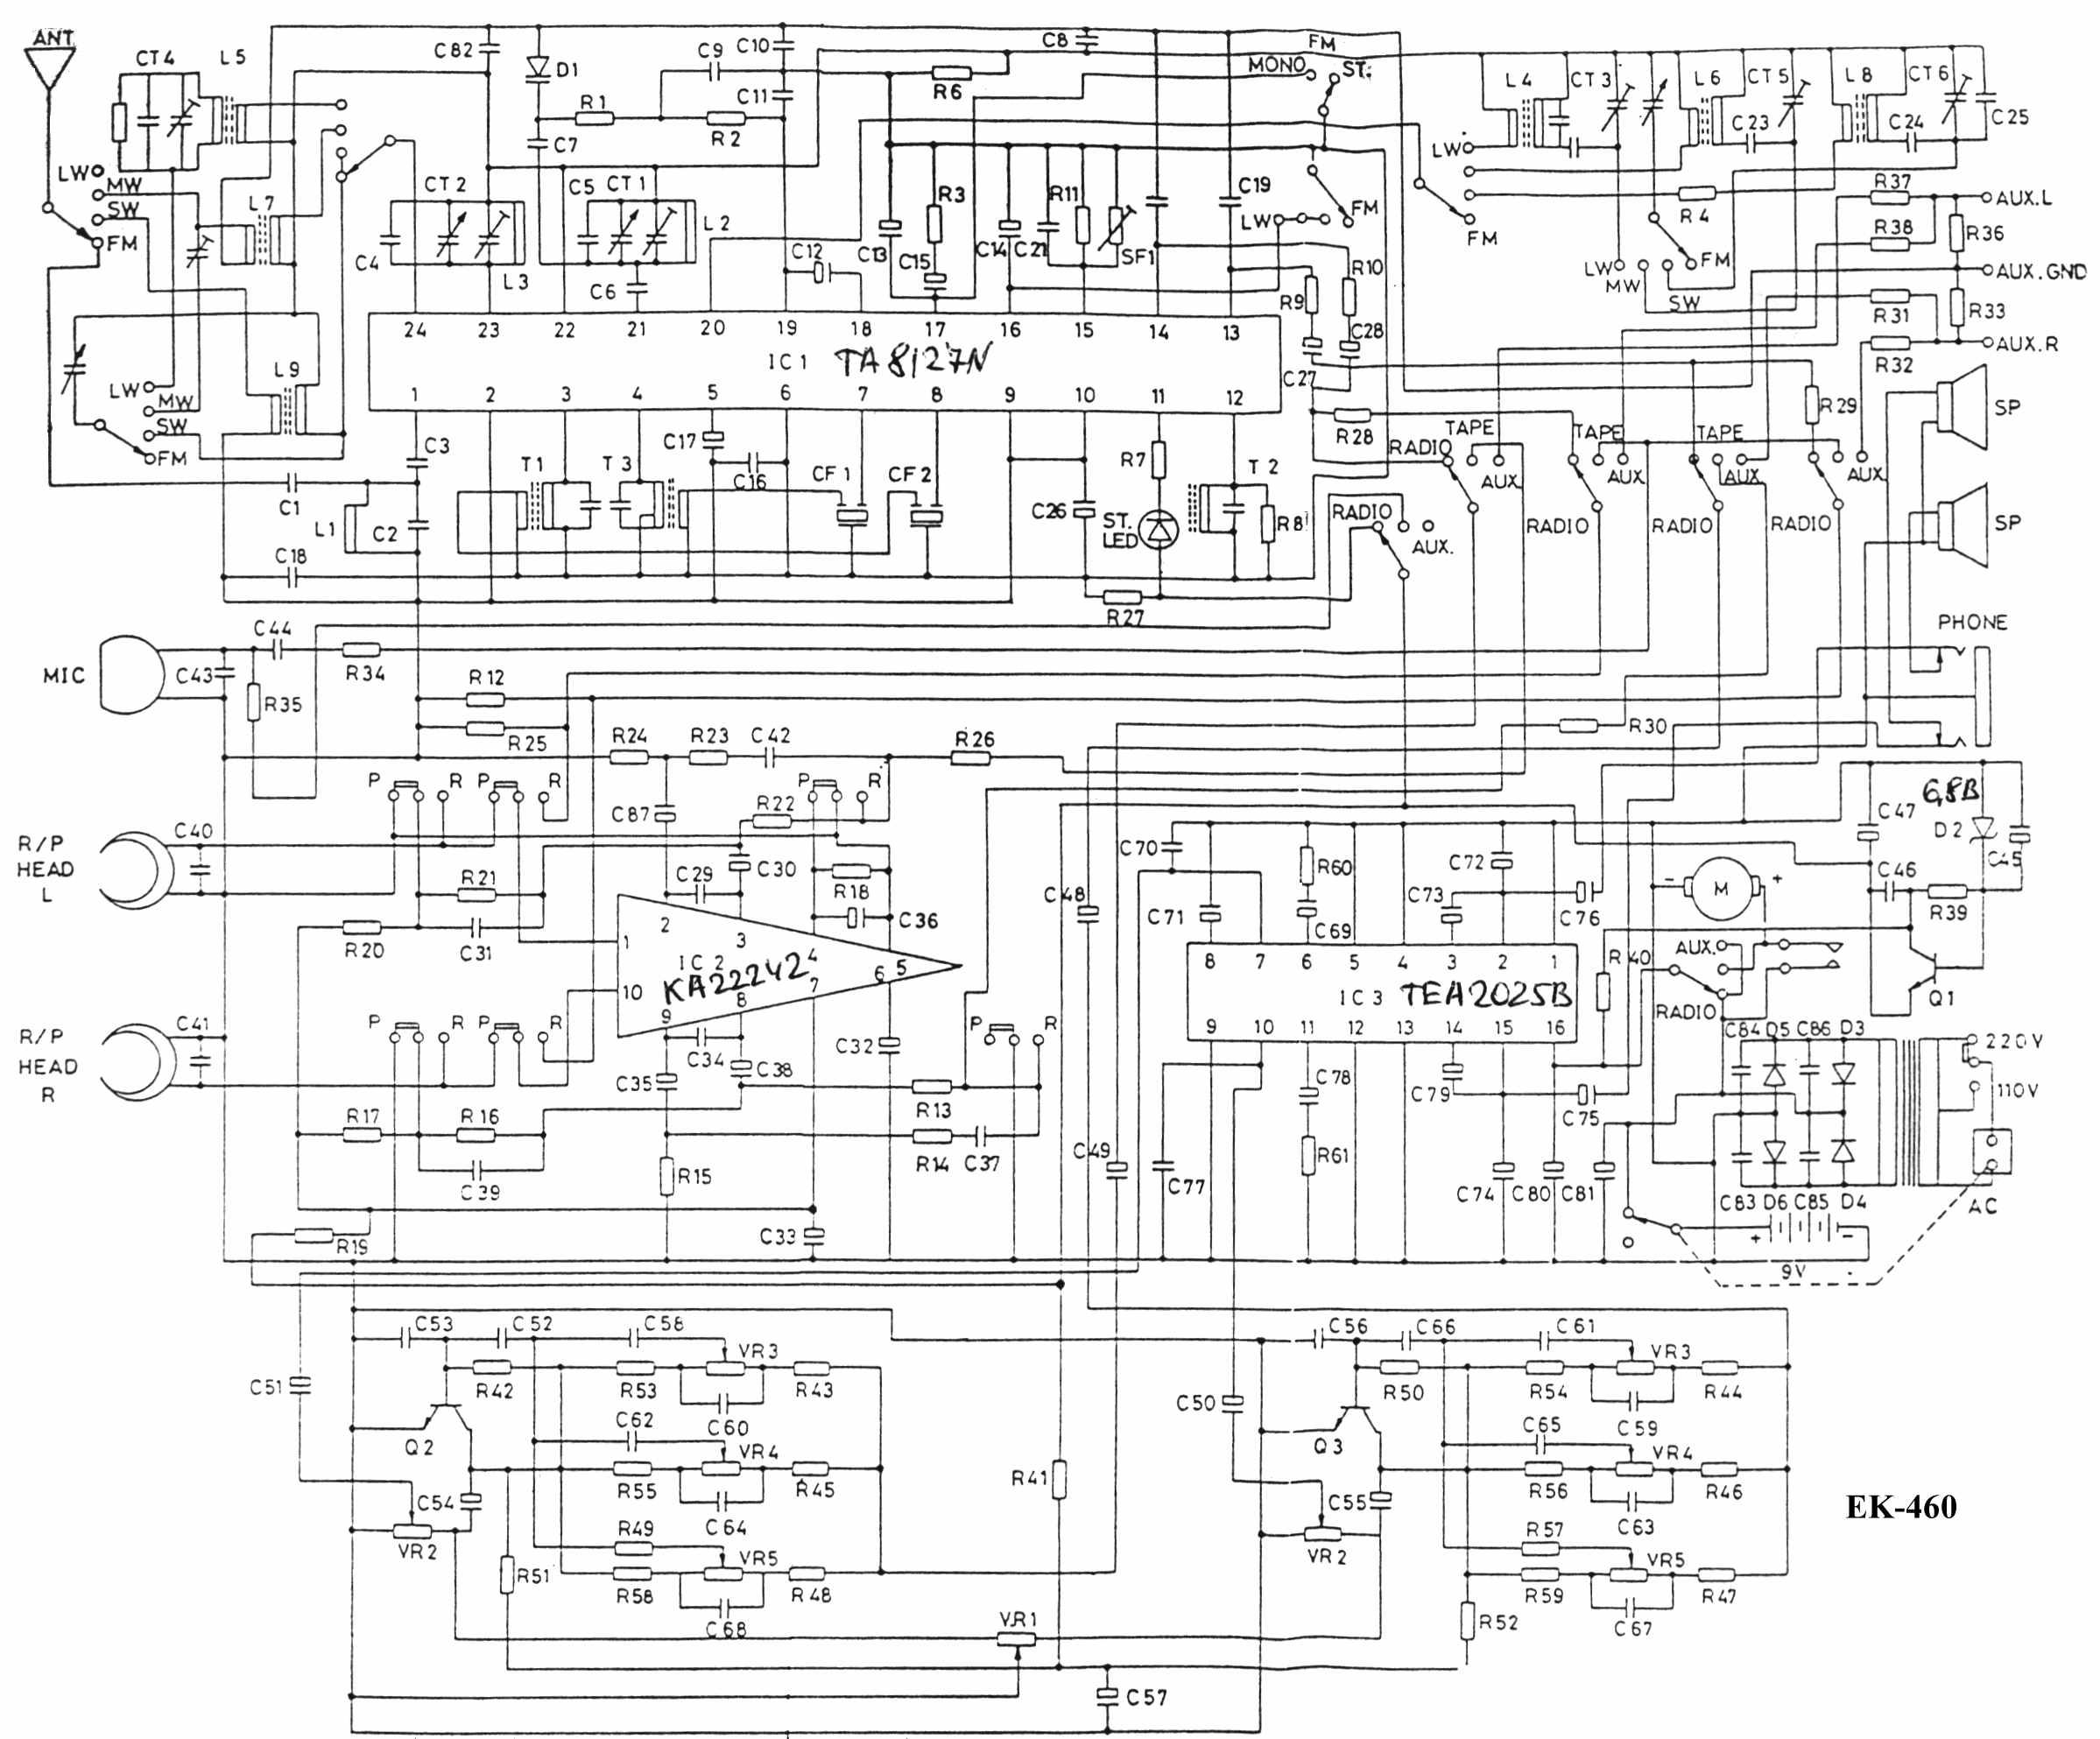 wie�a thompsonic - radio - zmiana zakresu radia